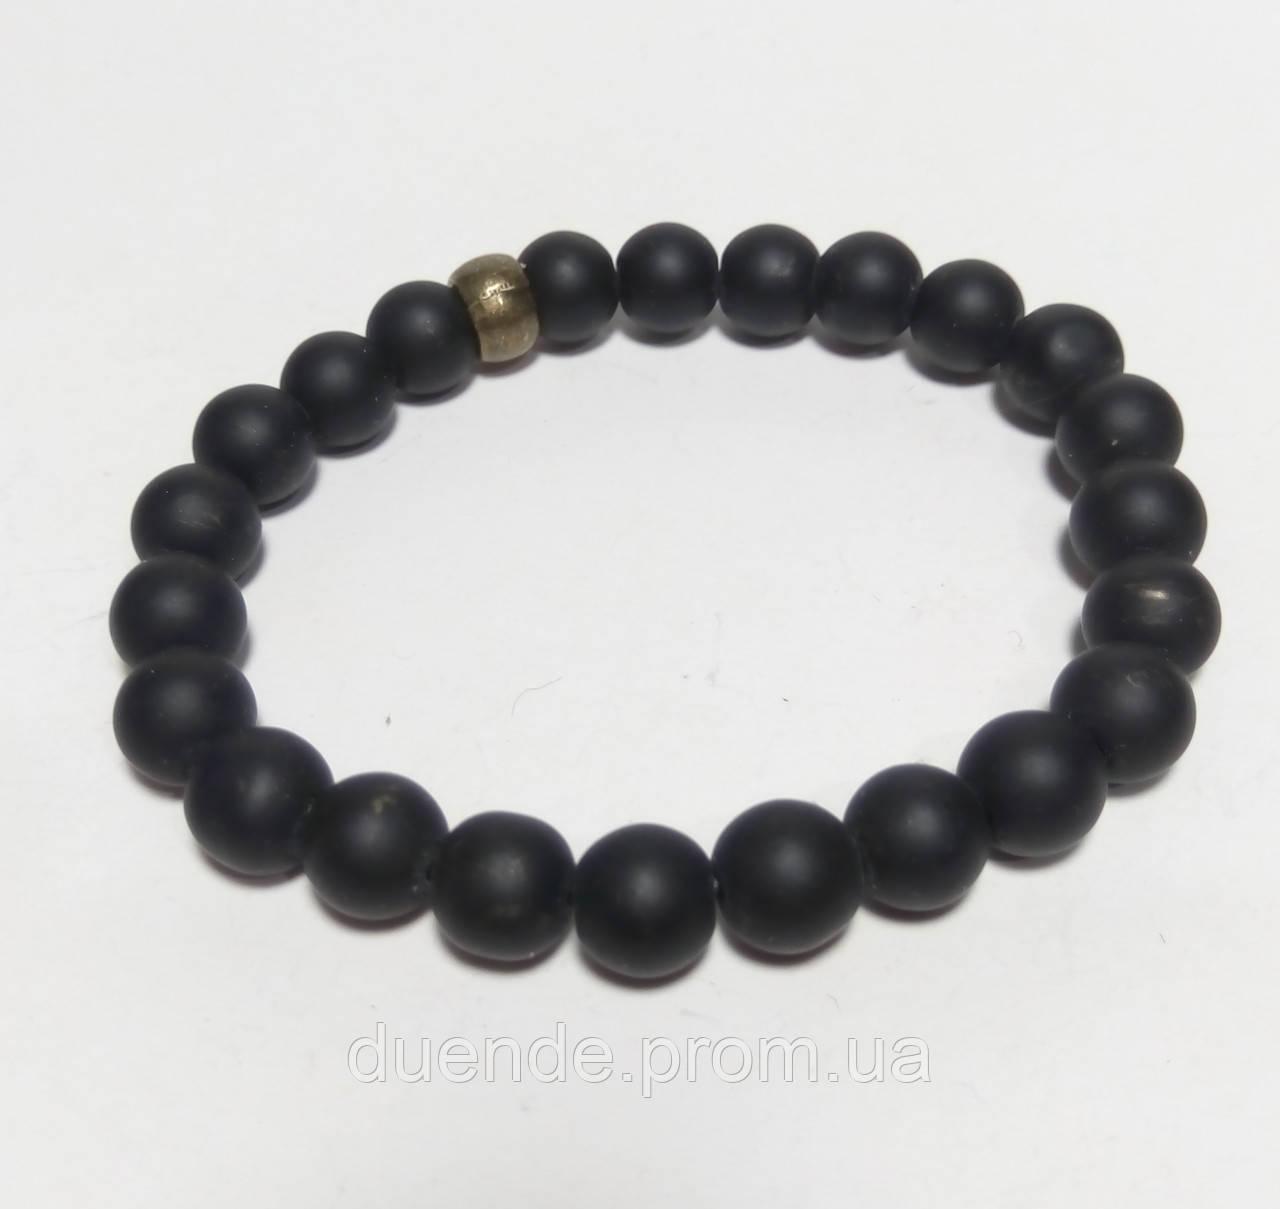 Браслет Шунгитовый натуральный камень, цвет черный, тм Satori \ Sb - 0021